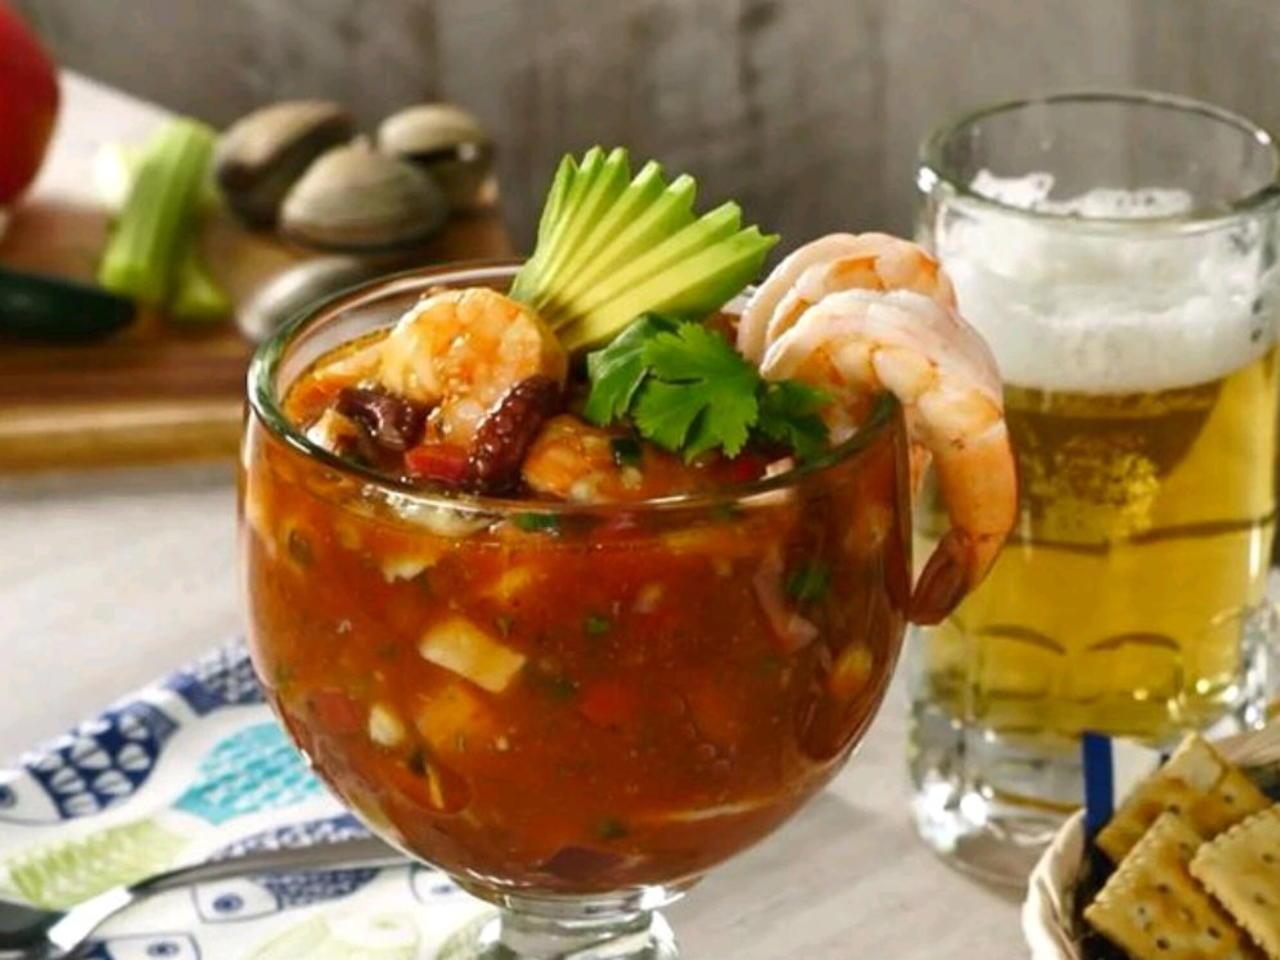 Vuelve a la vida, un clásico de la comida típica de Veracruz.